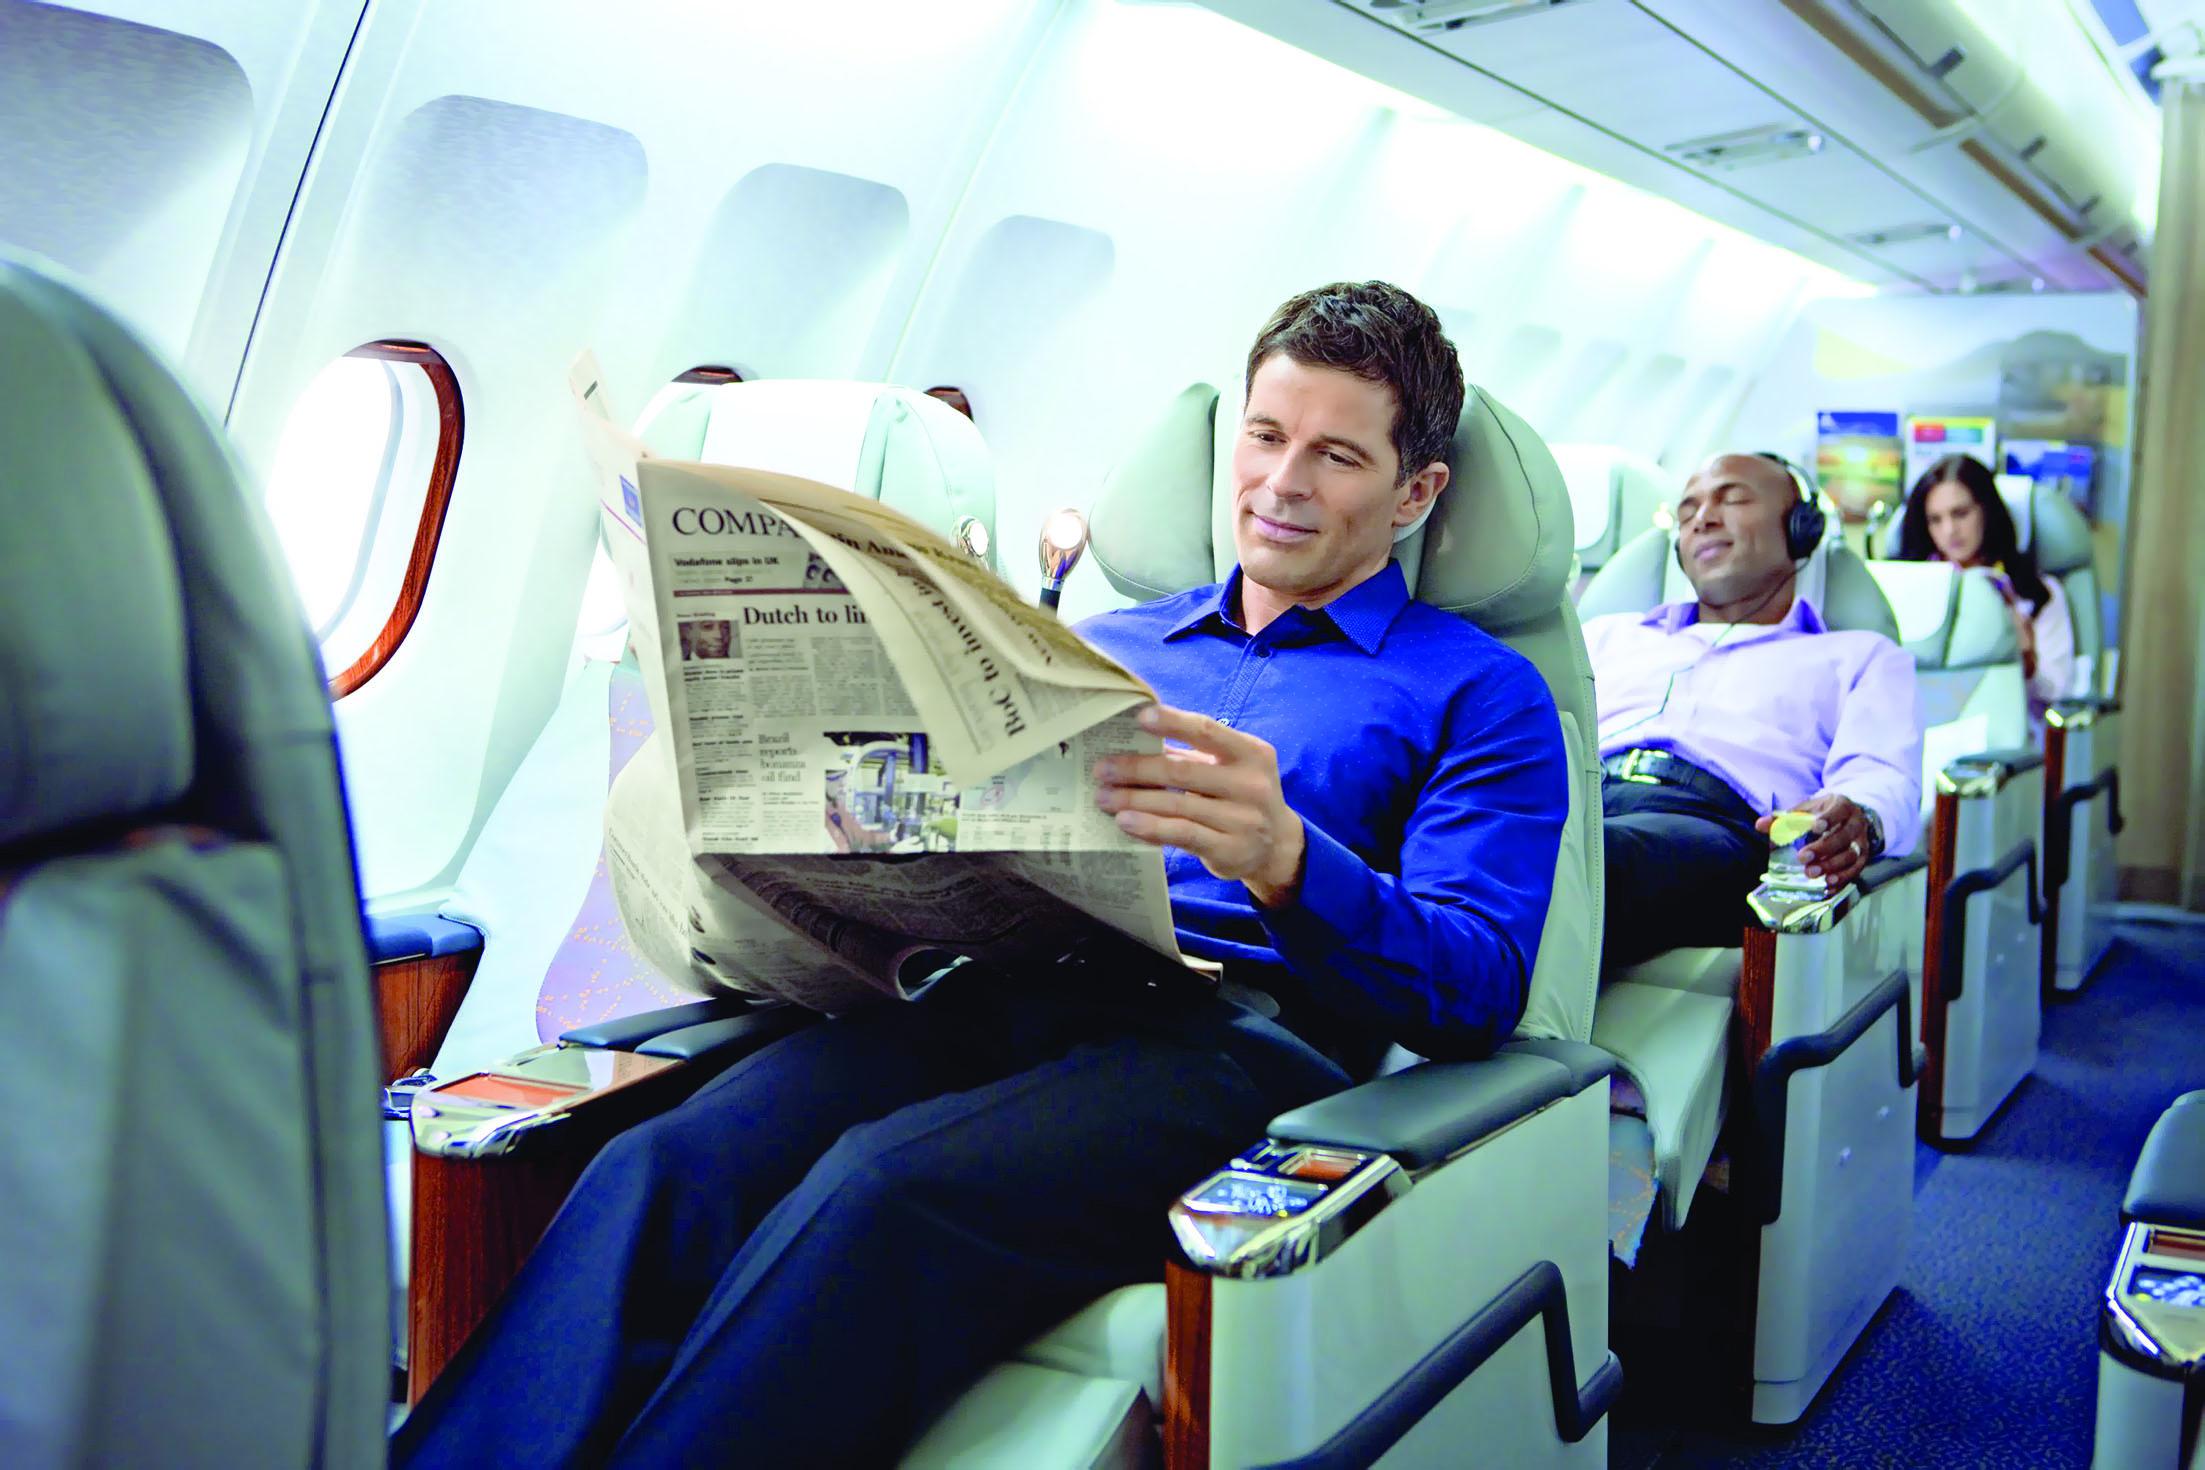 مطار صيني يطلق خدمة كبسولات النوم للركاب المرهقين